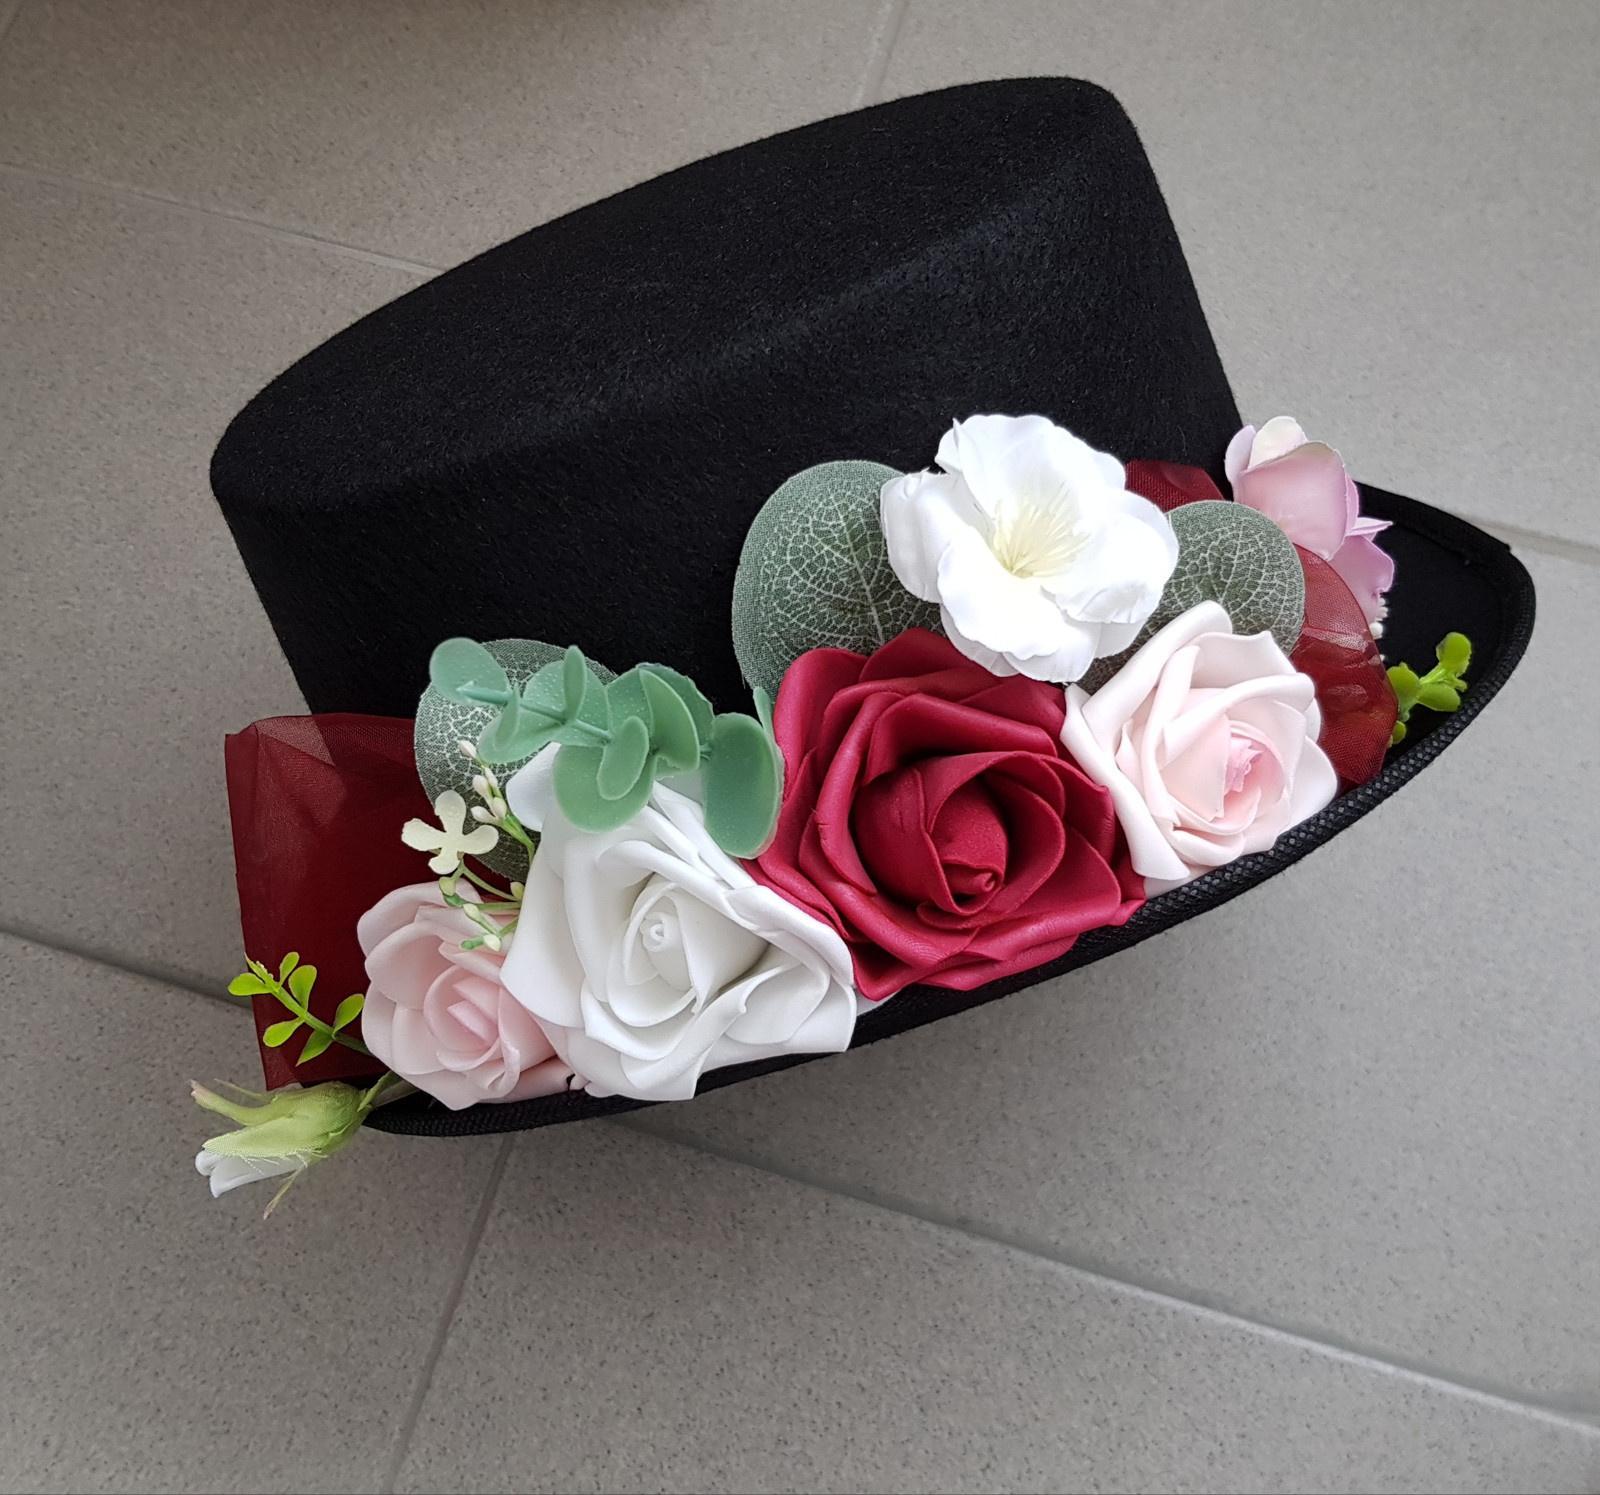 Srdce na kapotu bílá, vínová a růžová - Obrázek č. 2